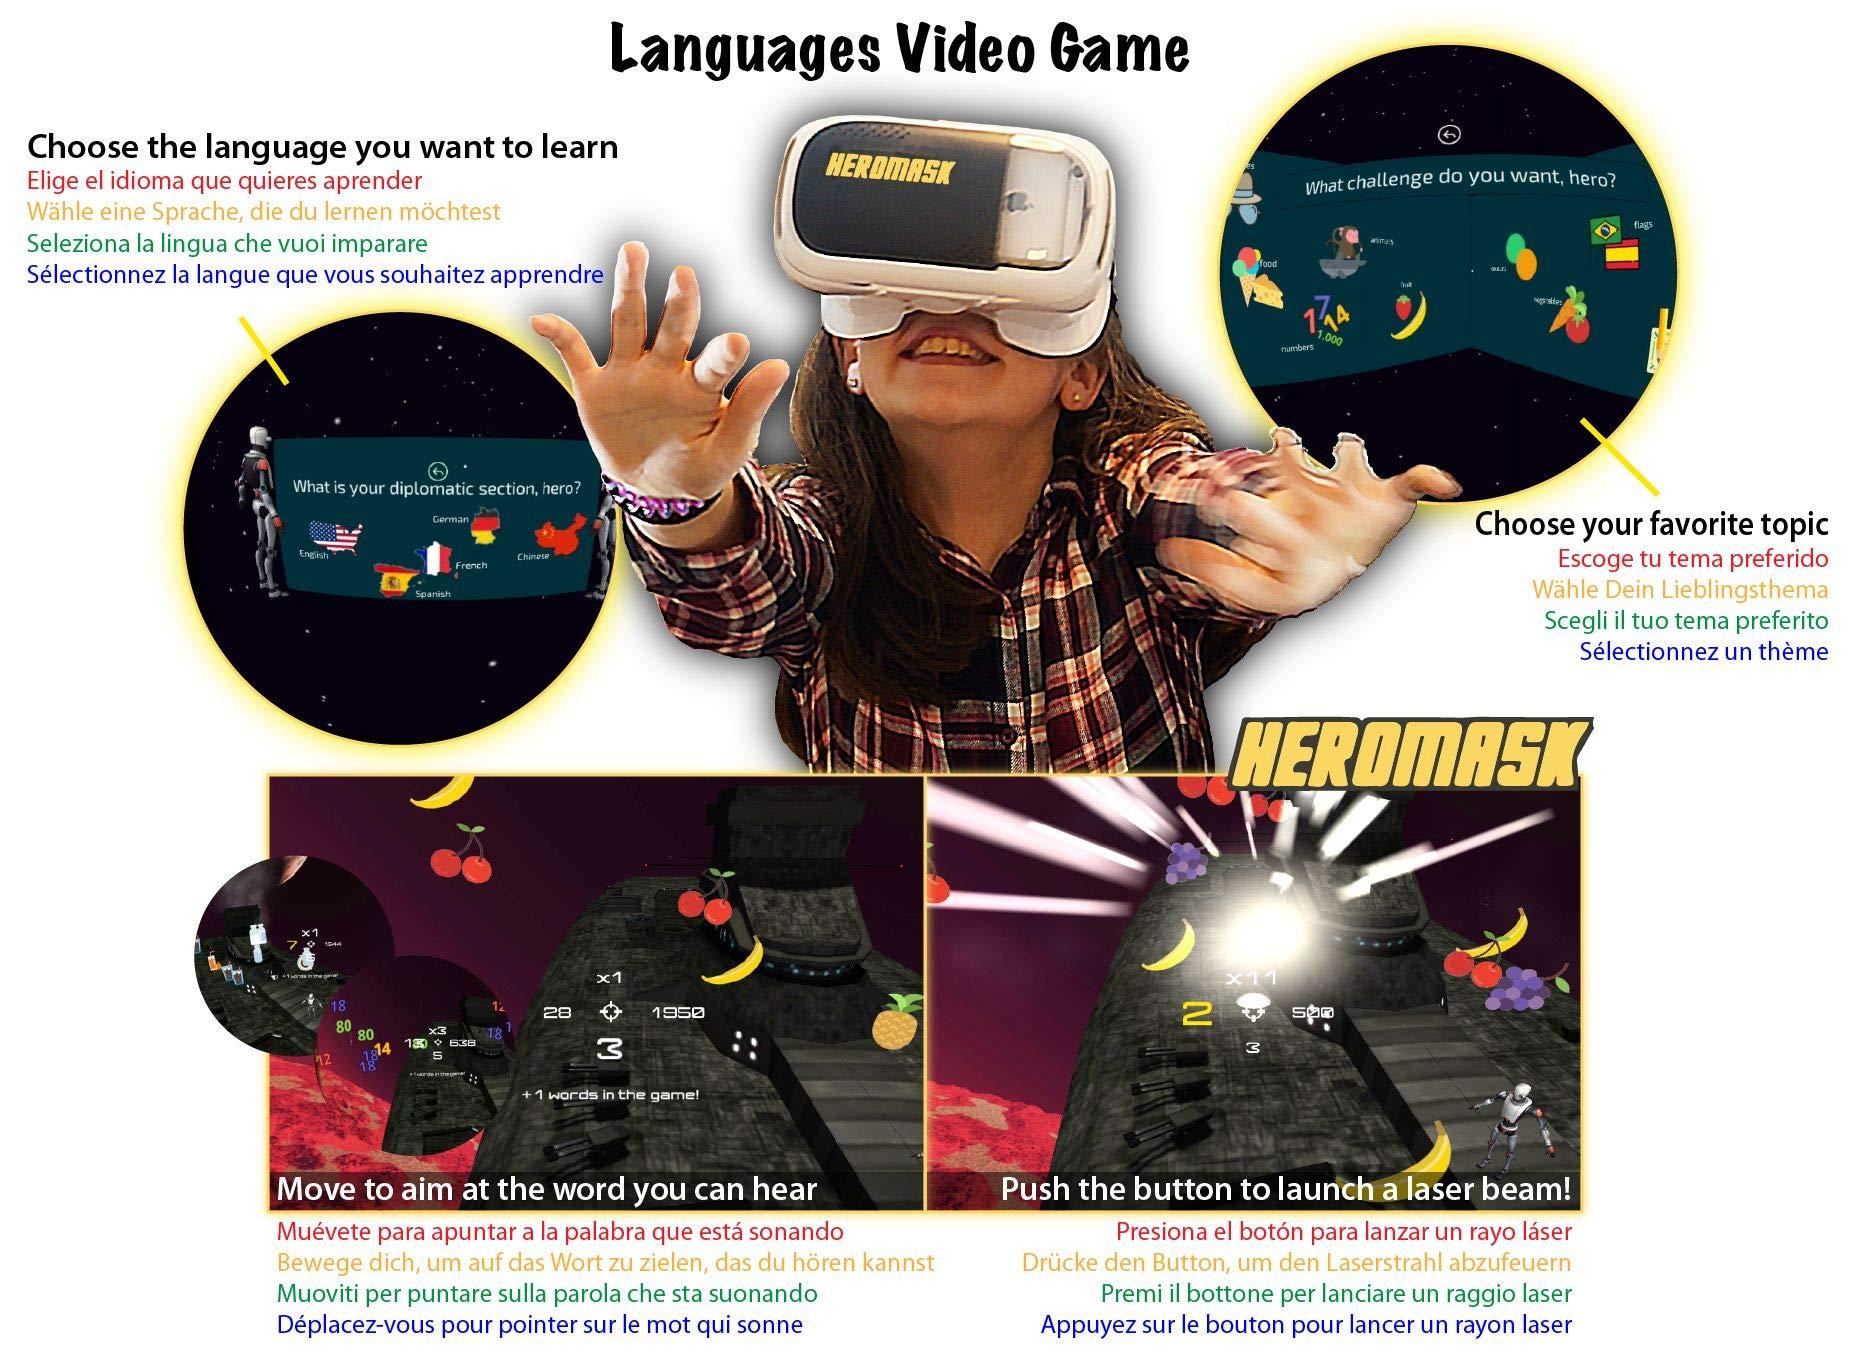 10 Años Juguete 3d 7 12 OriginalAprende 5 6 9 InglésFrancés Realidad 11 Educativo 8 NiñosJuego Gafas Virtual Idiomasregalo gv76Yfby